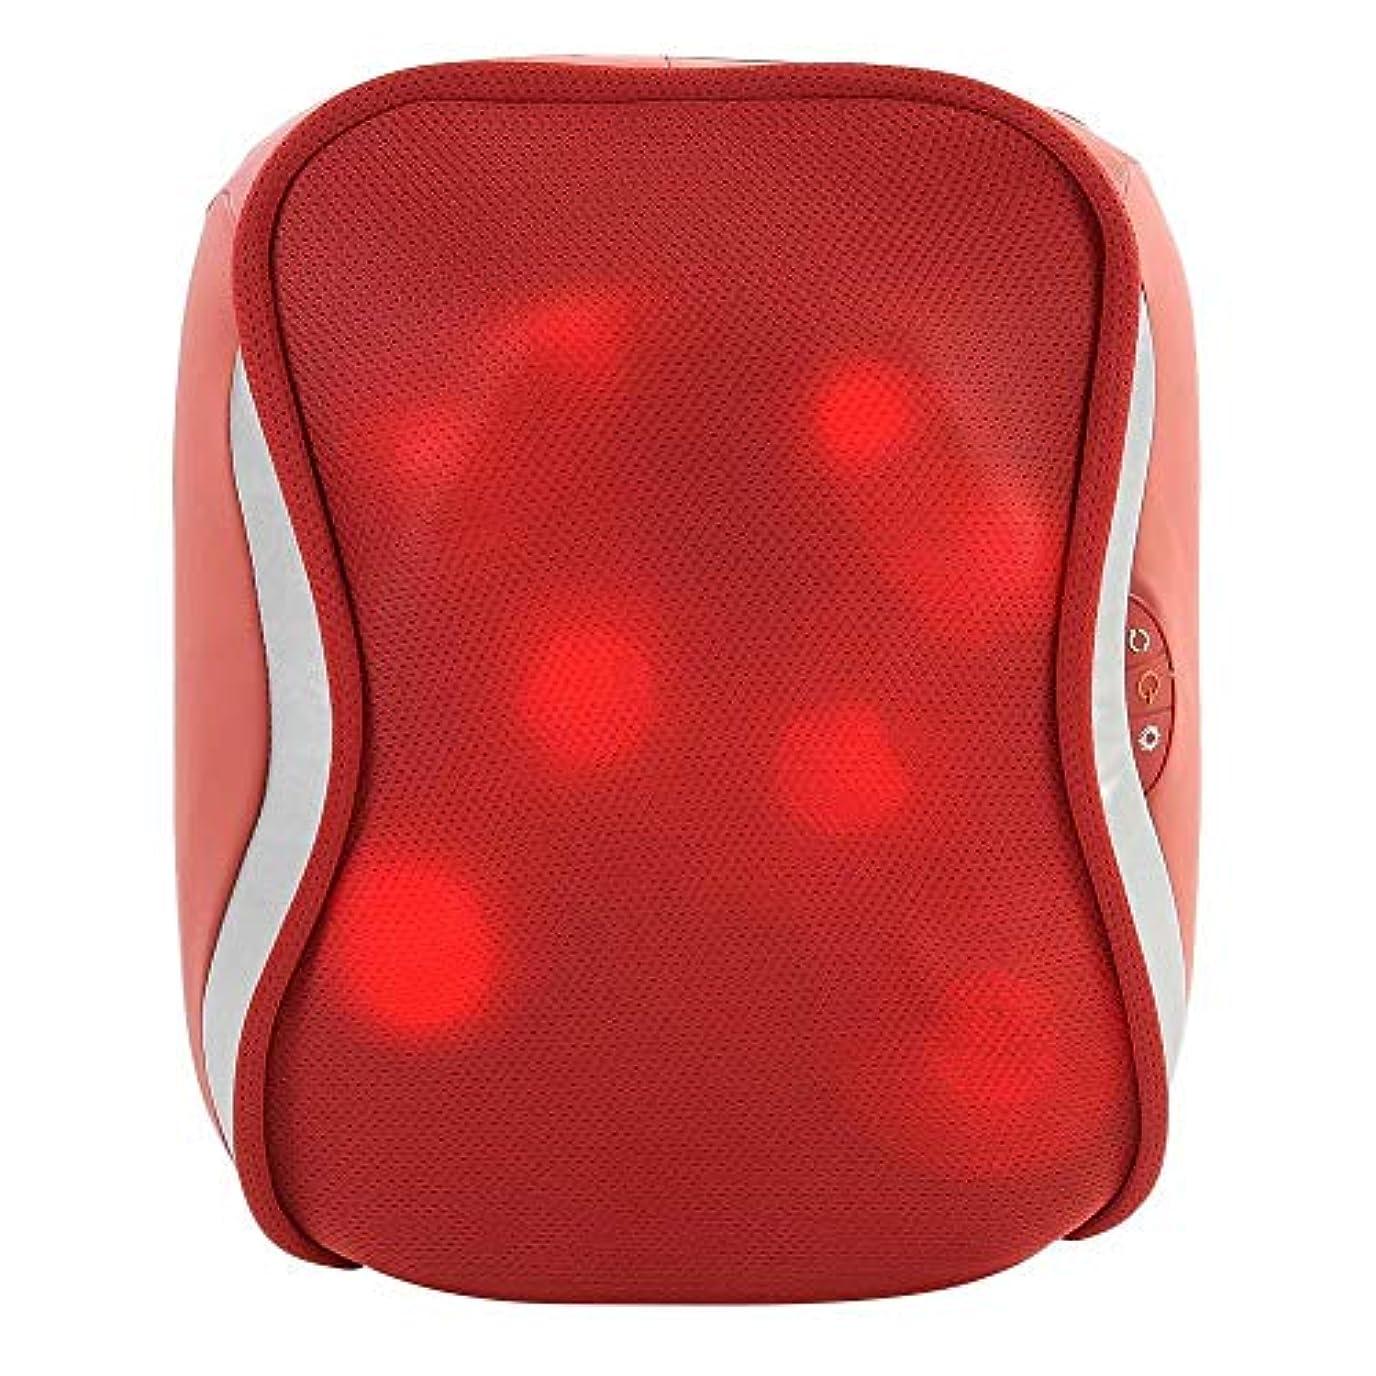 トレーニング偏心芽指圧バックマッサージ、多機能ボディチェアシートクッション、腰、肩、筋肉痛ホーム、オフィス、車、ベッド用